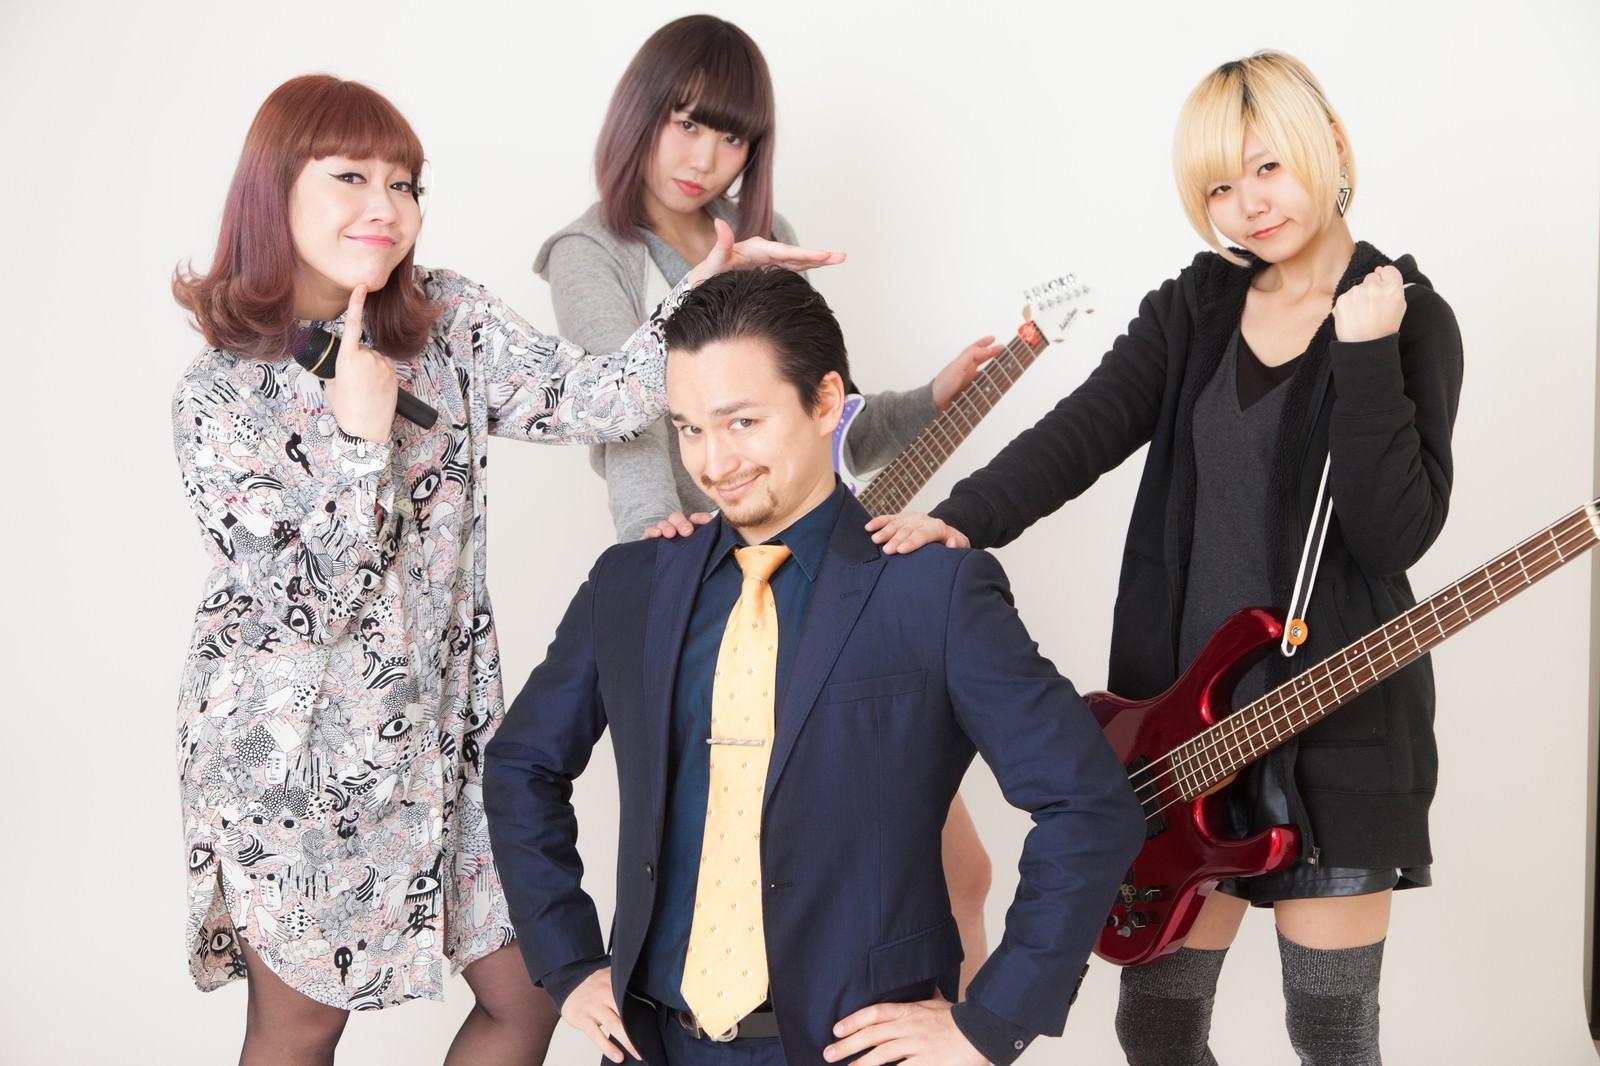 「レーベルに所属してマネージャーがついたガールズバンド」の写真[モデル:IRISMONDE Max_Ezaki]